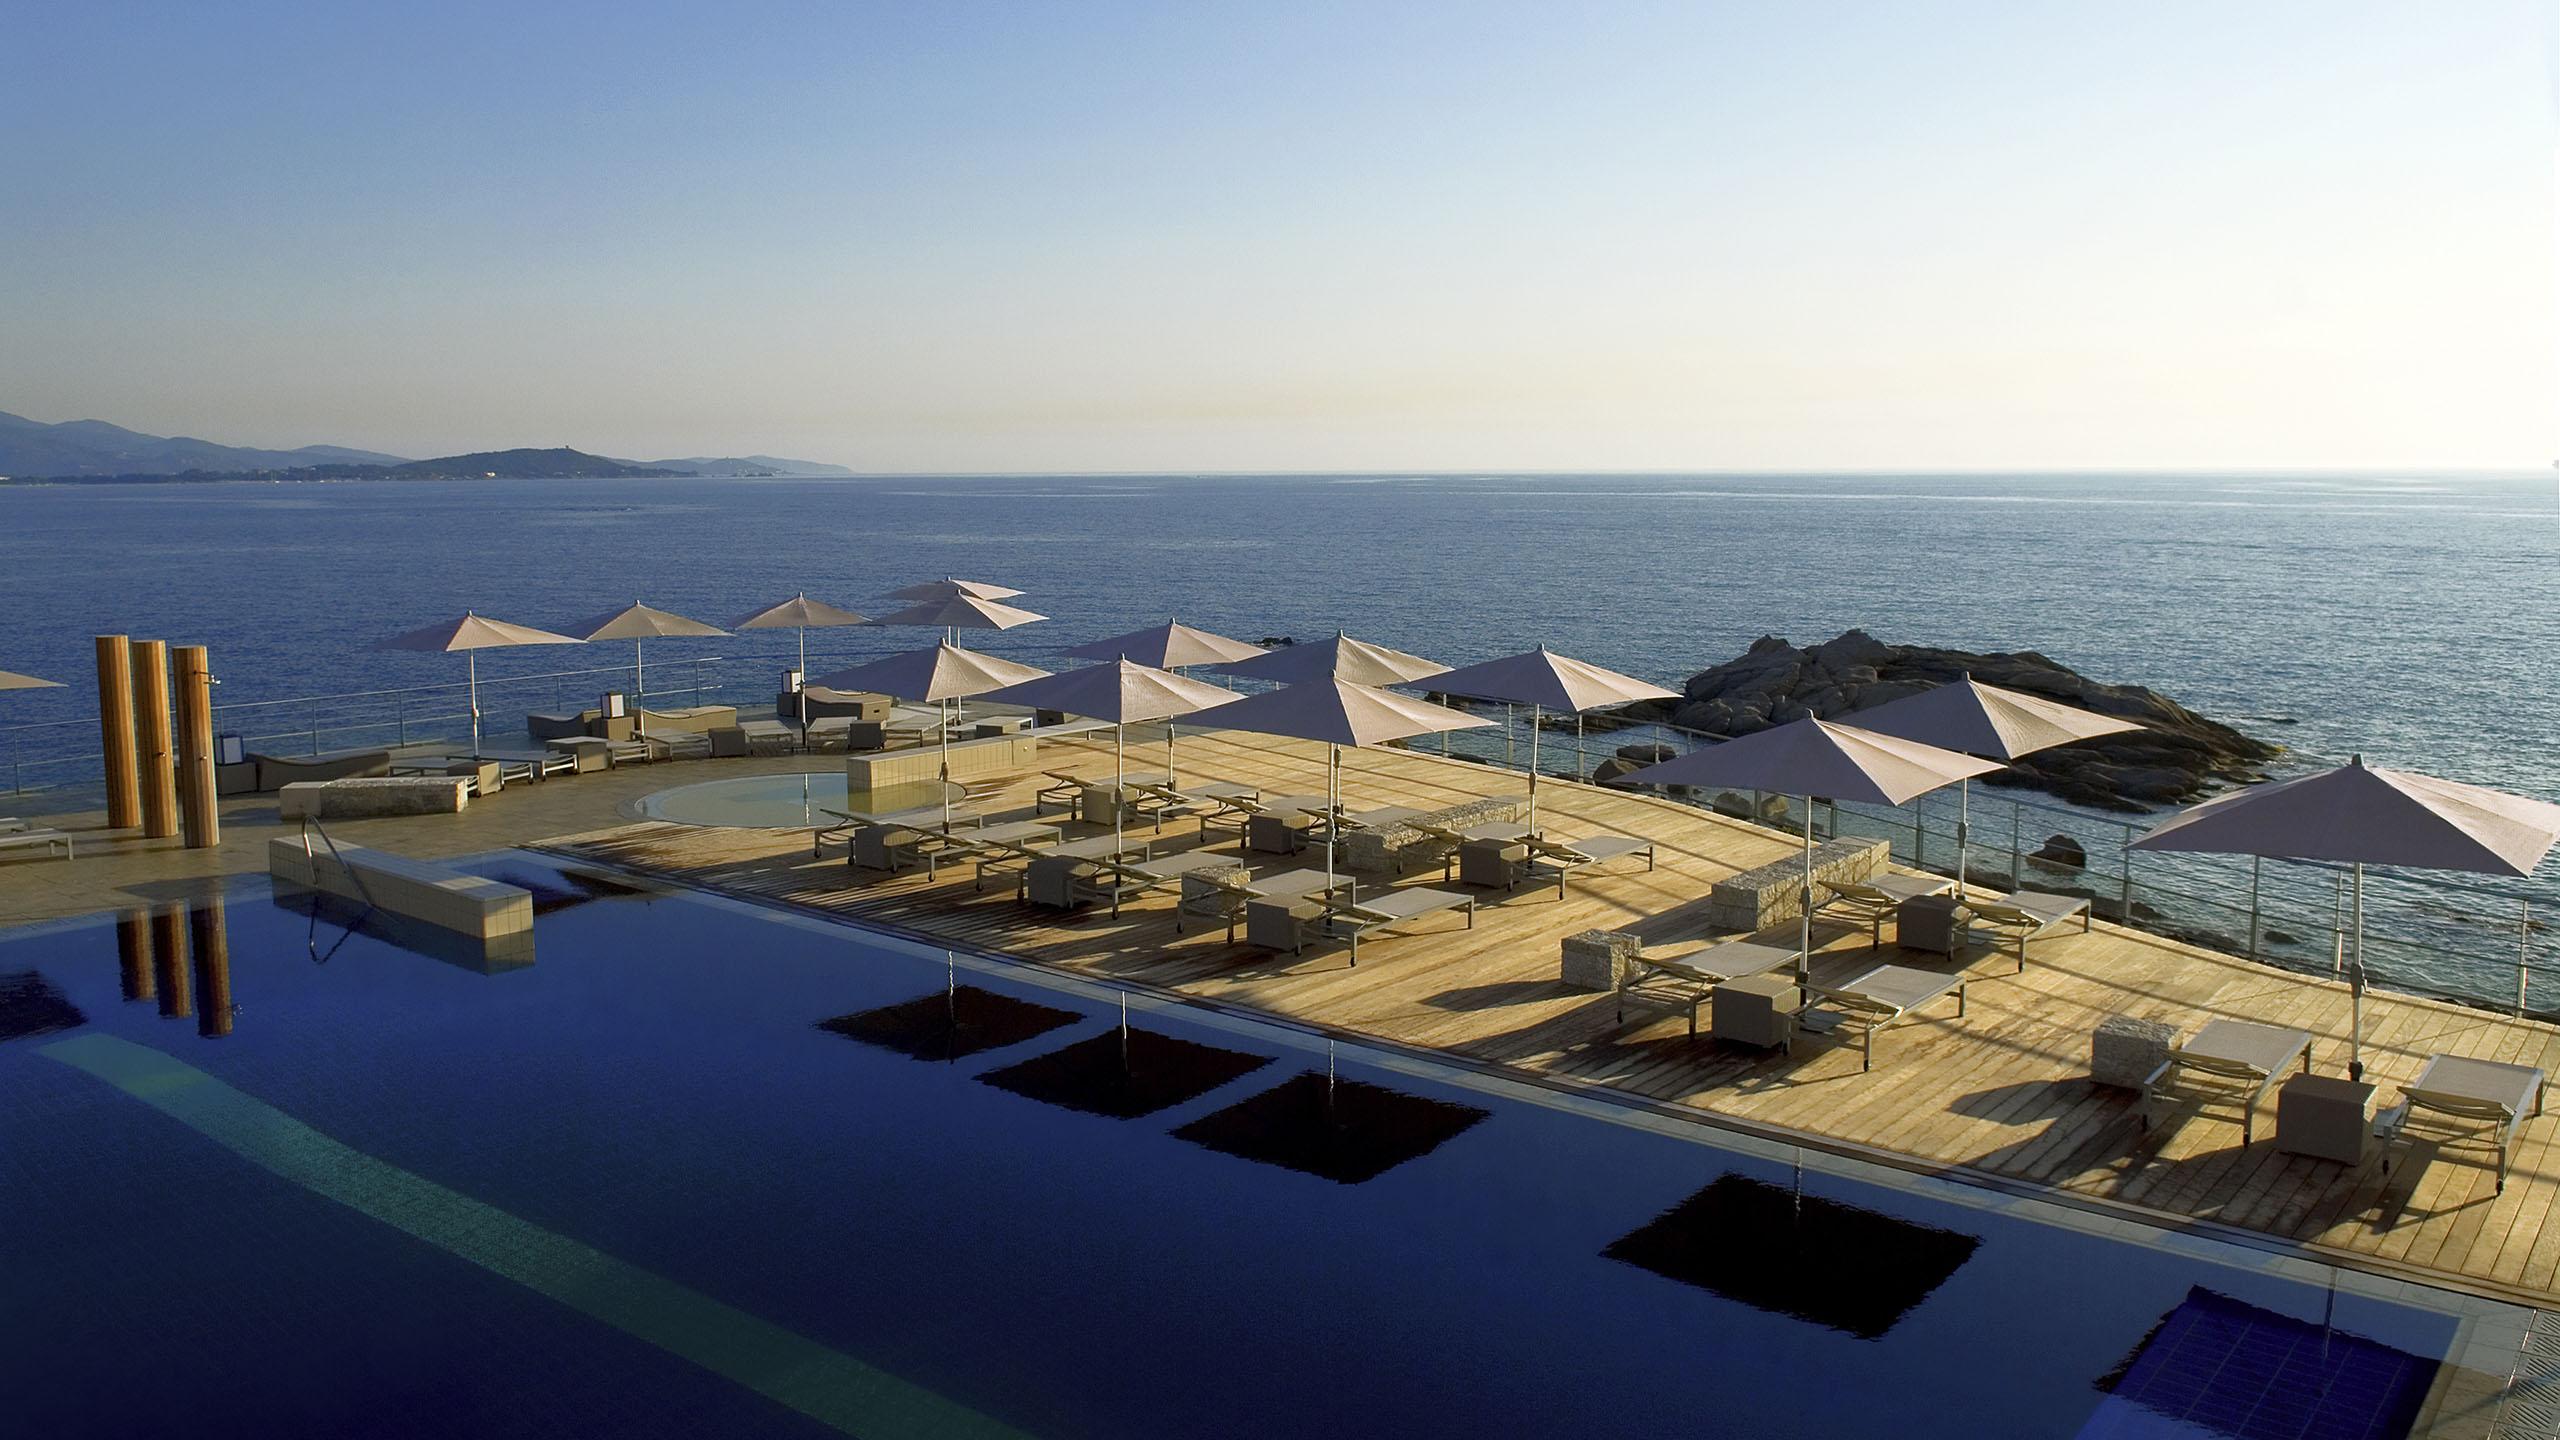 Luxury Hotel PORTICCIO Sofitel Golfe DAjaccio Thalassa Sea Spa